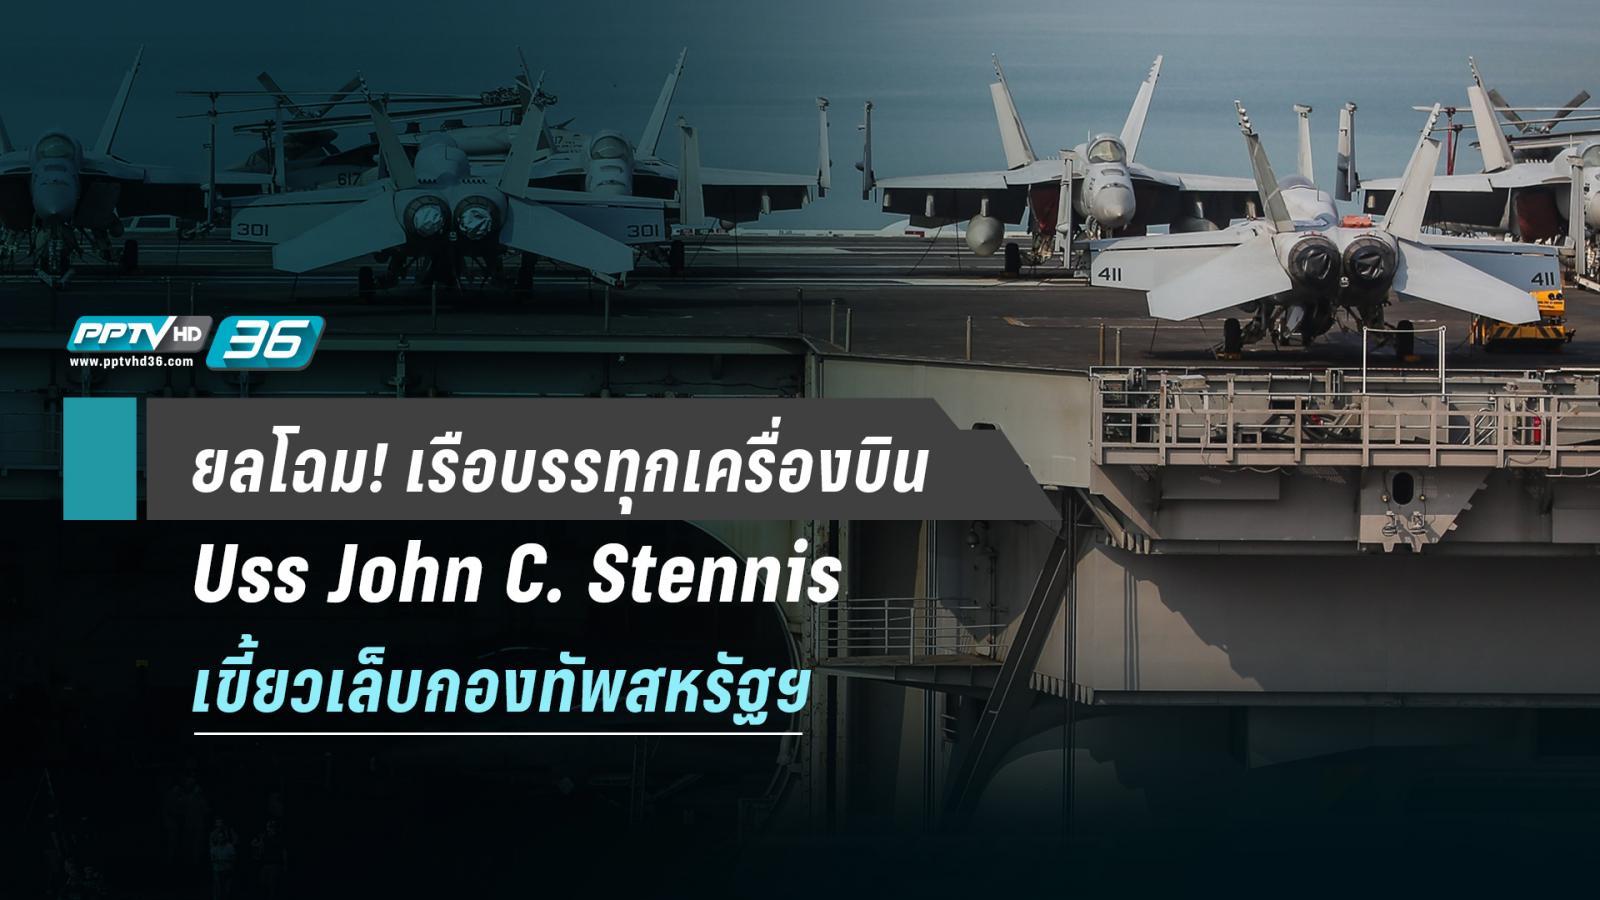 ยลโฉม! เรือบรรทุกเครื่องบิน Uss John C. Stennis เขี้ยวเล็บกองทัพสหรัฐฯ